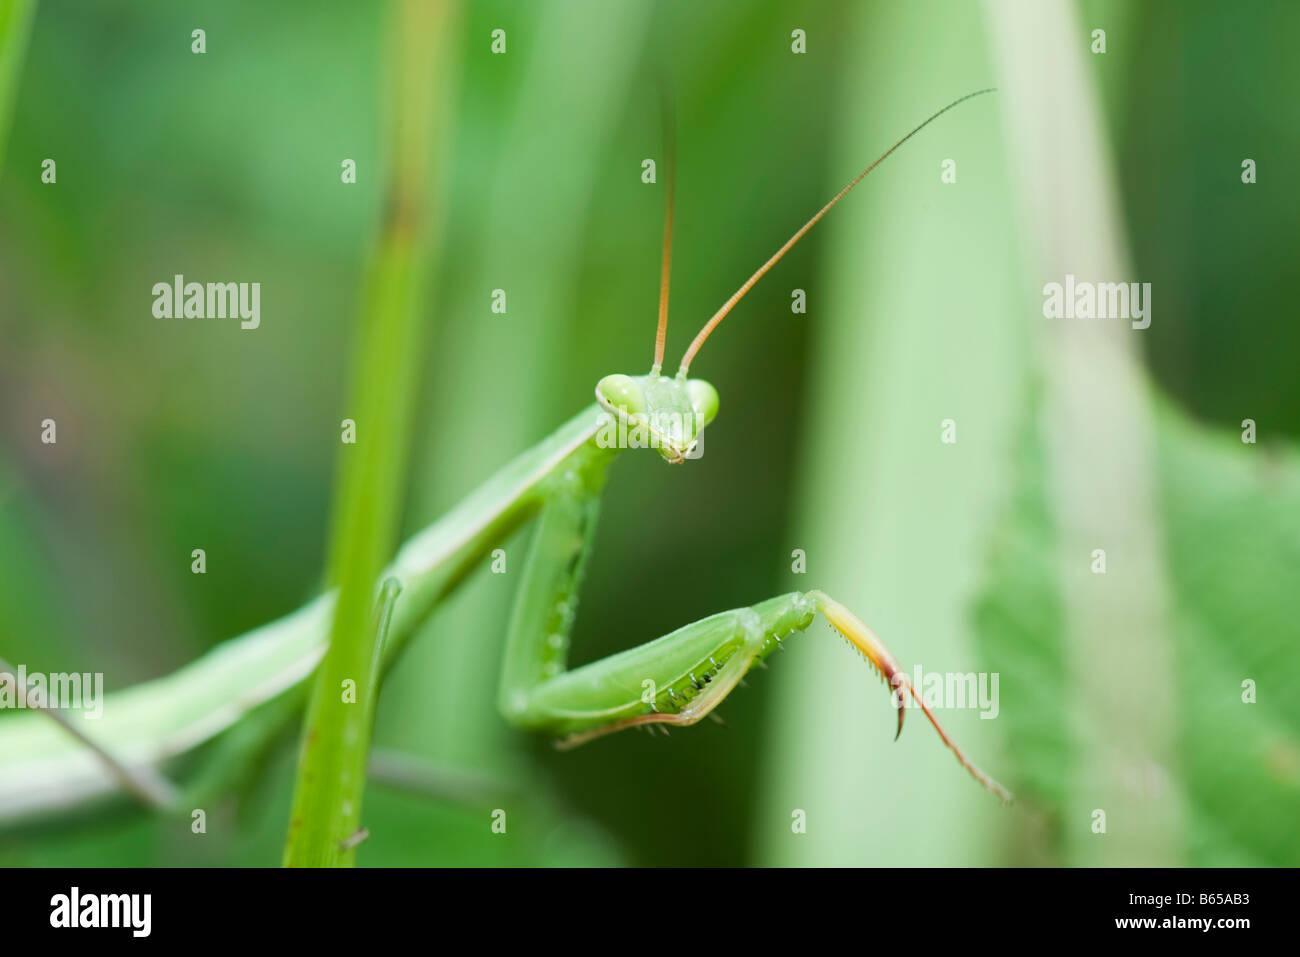 Gottesanbeterin, die teilweise versteckt im grünen Stockbild